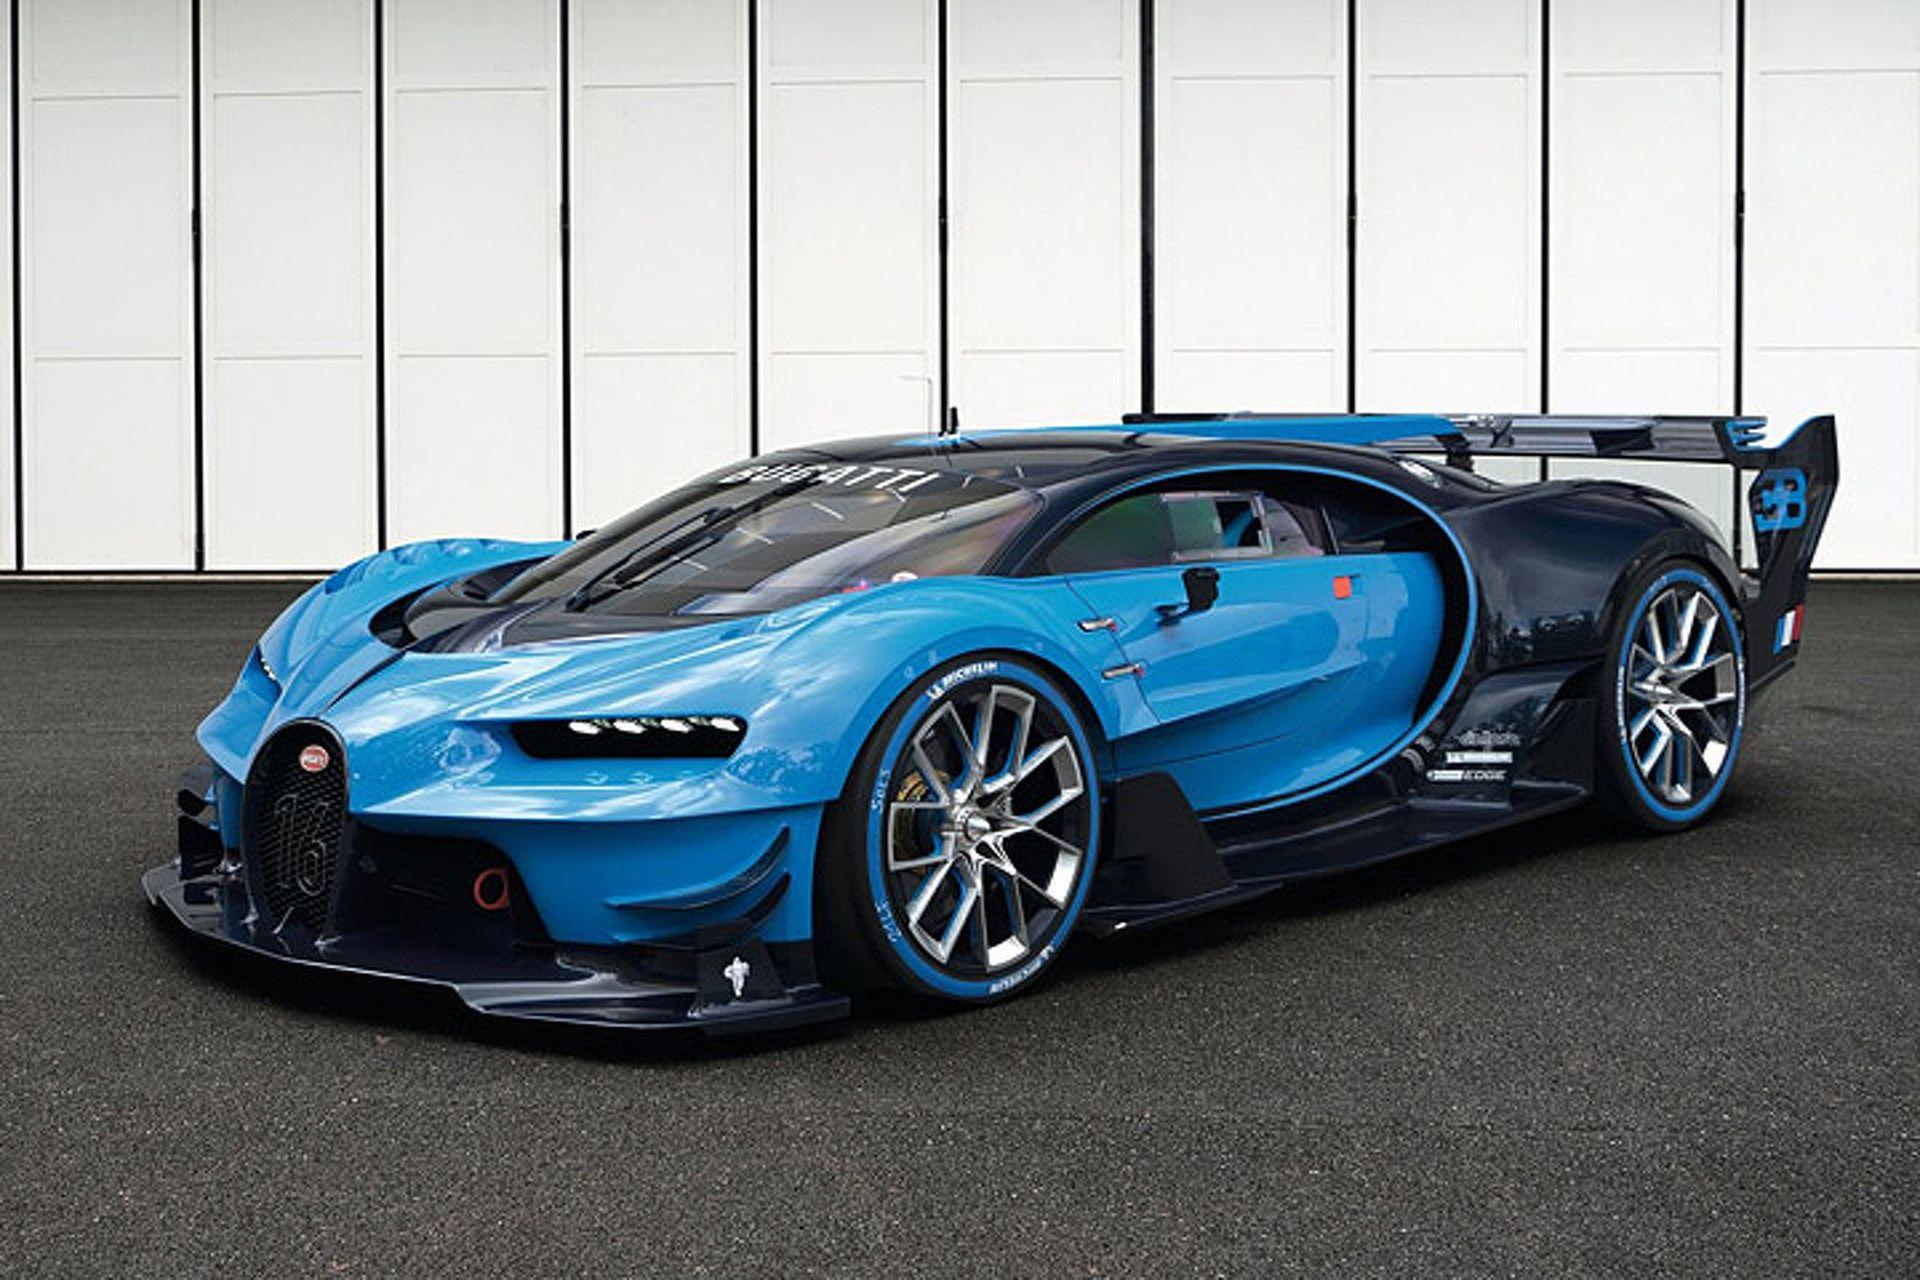 The Bugatti Chiron Debuted At The Geneva Auto Show Bugatti Chiron Bugatti Super Cars